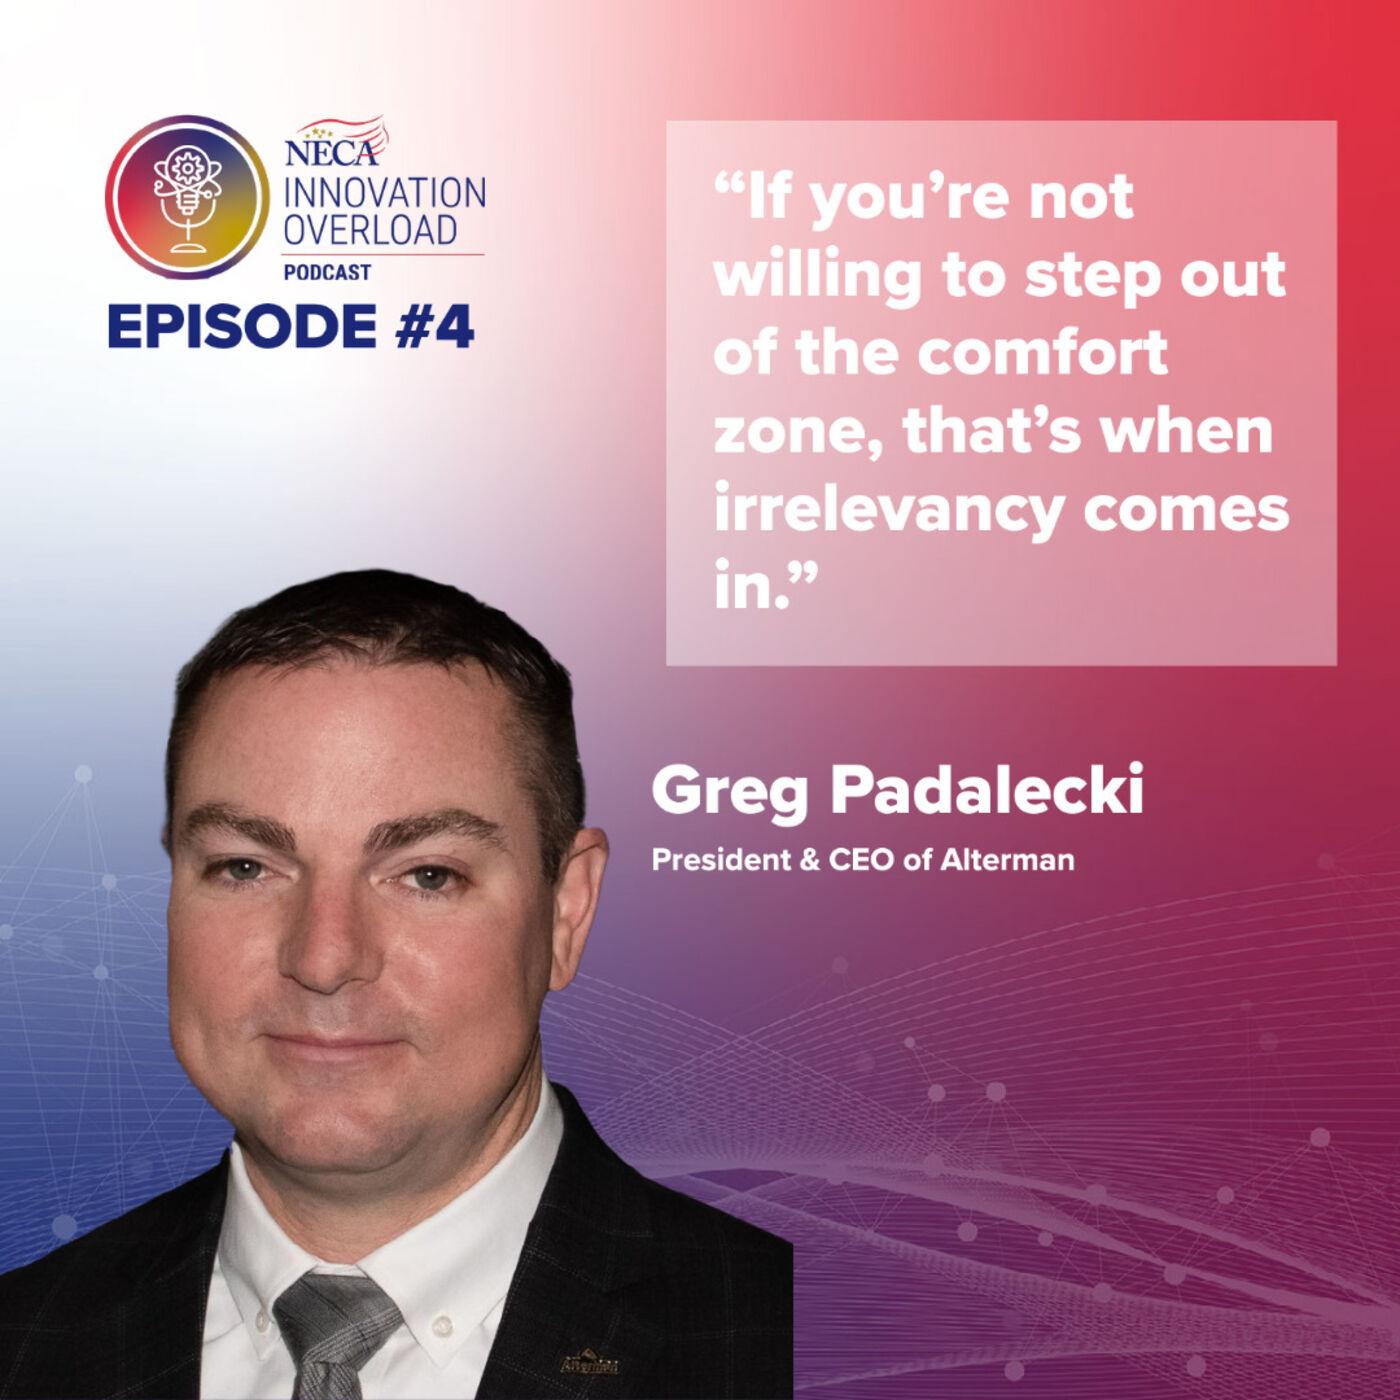 #4 - Greg Padalecki